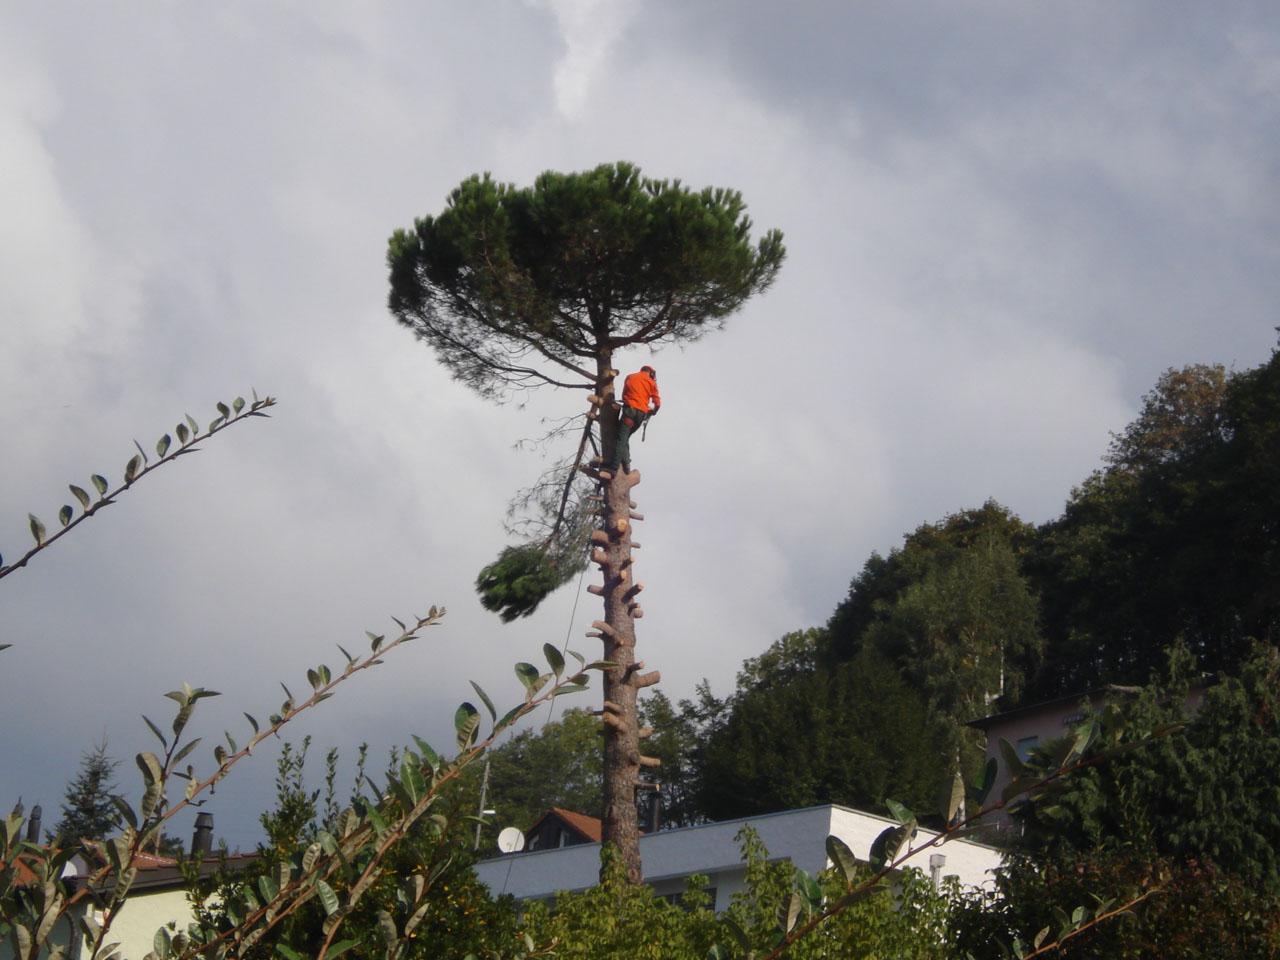 La potatura ed abbattimento alberi ad altro fusto (anche con trasporto